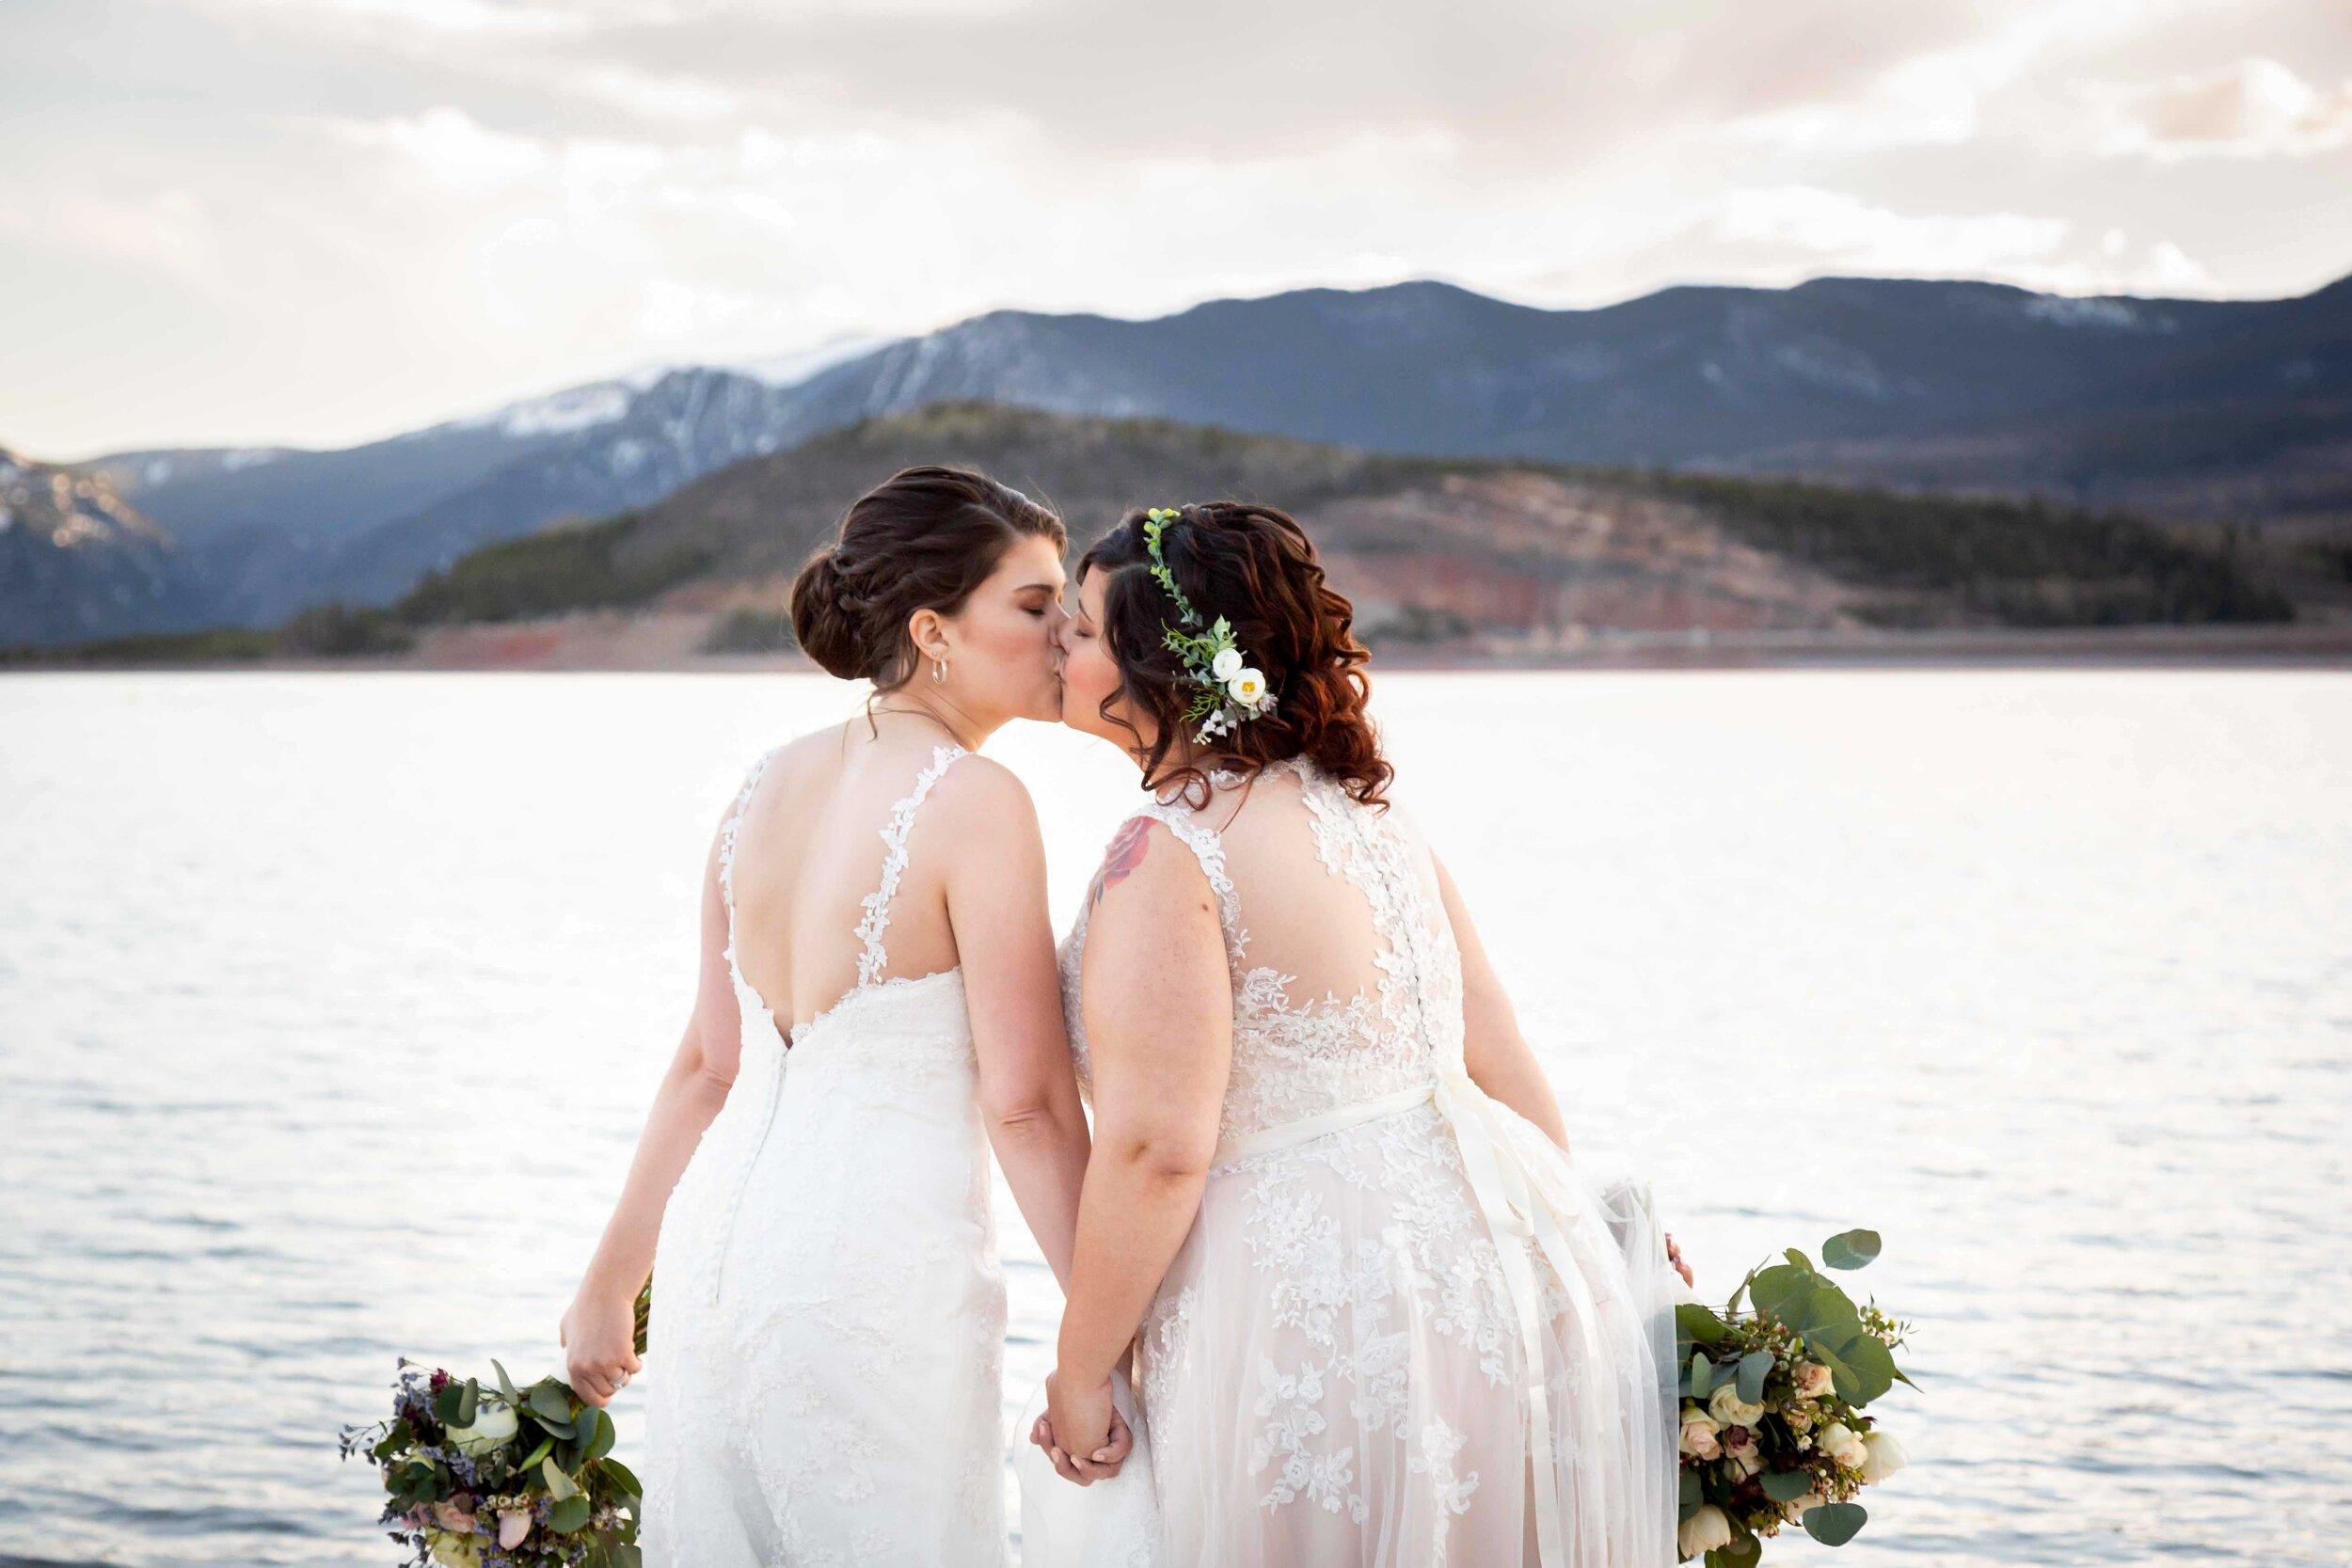 A Colorado Mountain Destination Wedding for Julia and Cheryl